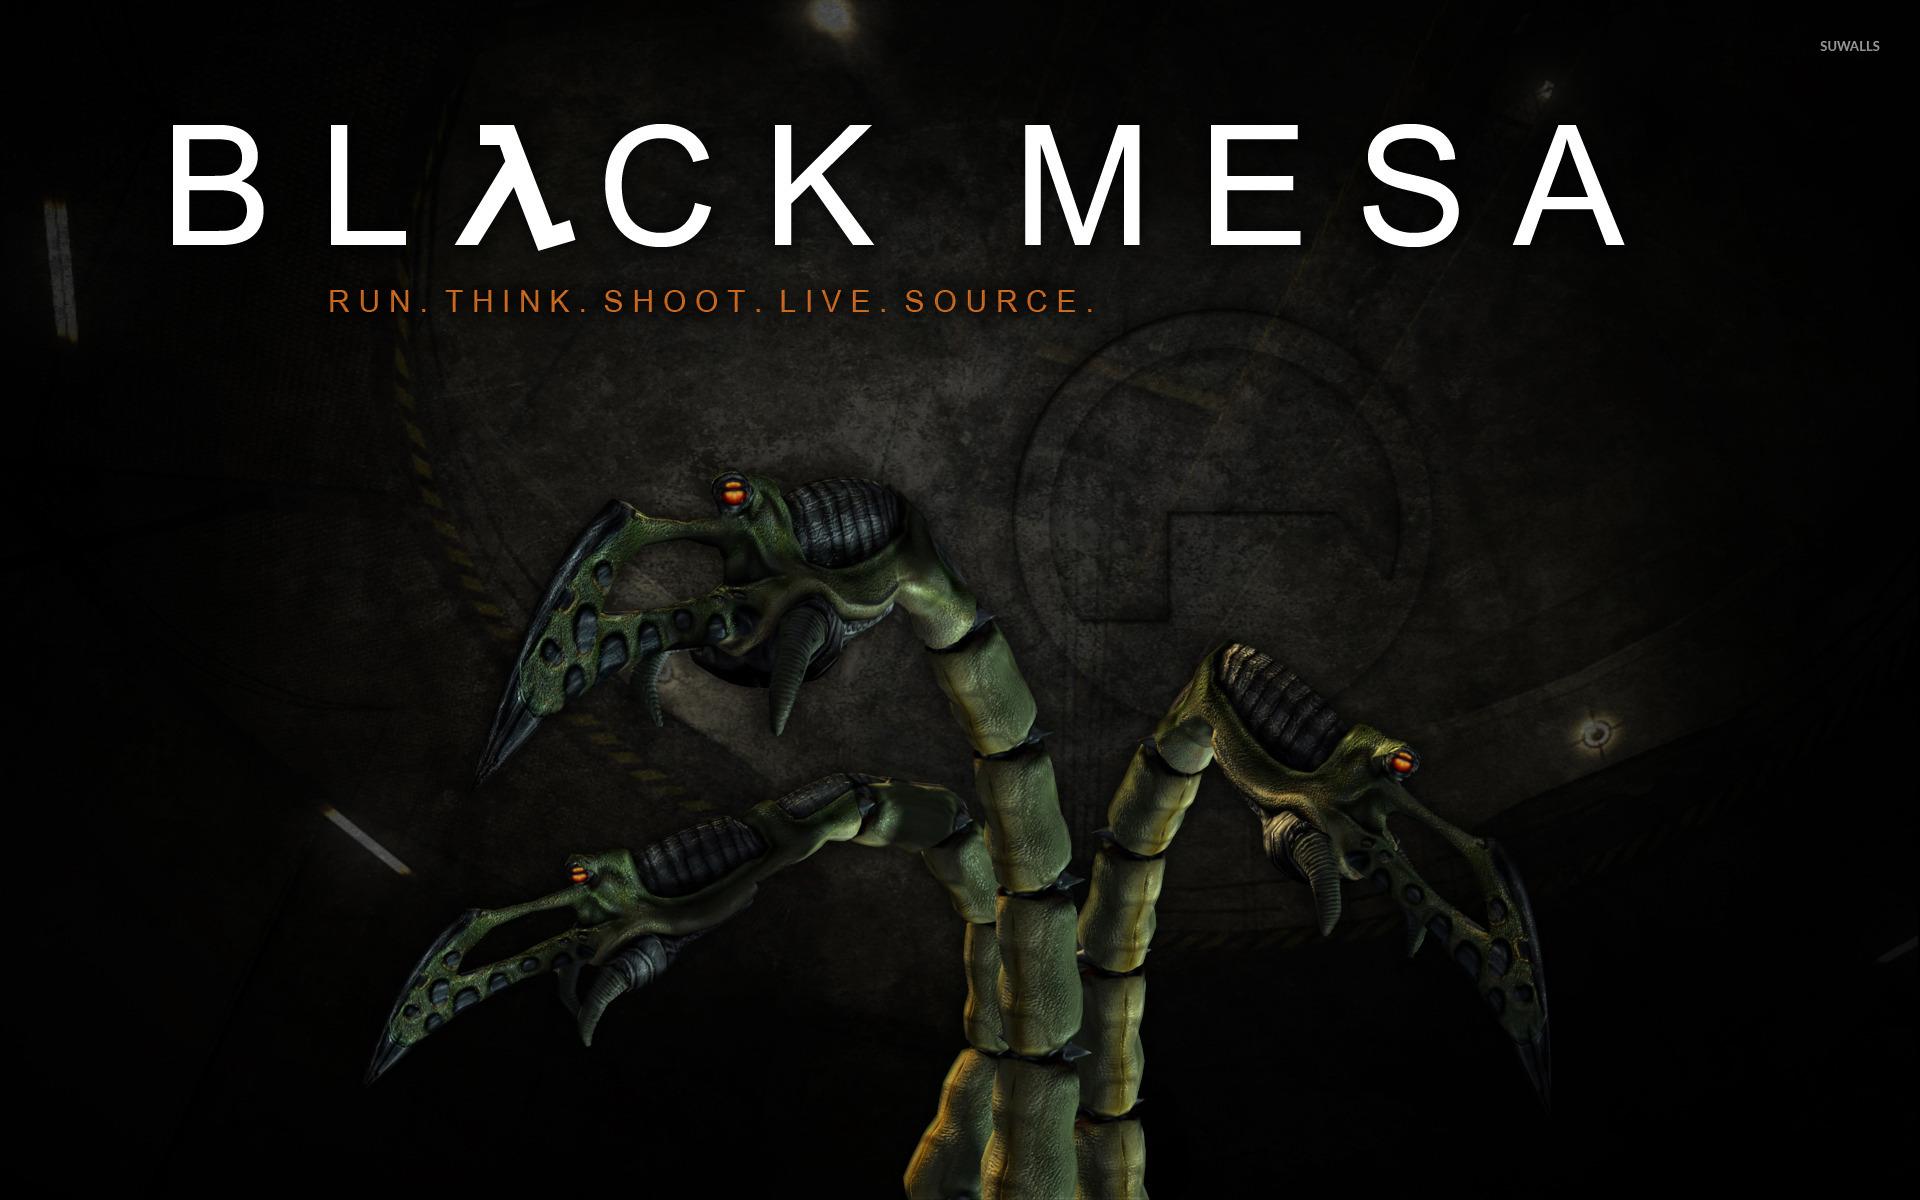 Black Mesa 6 Wallpaper Game Wallpapers 14745